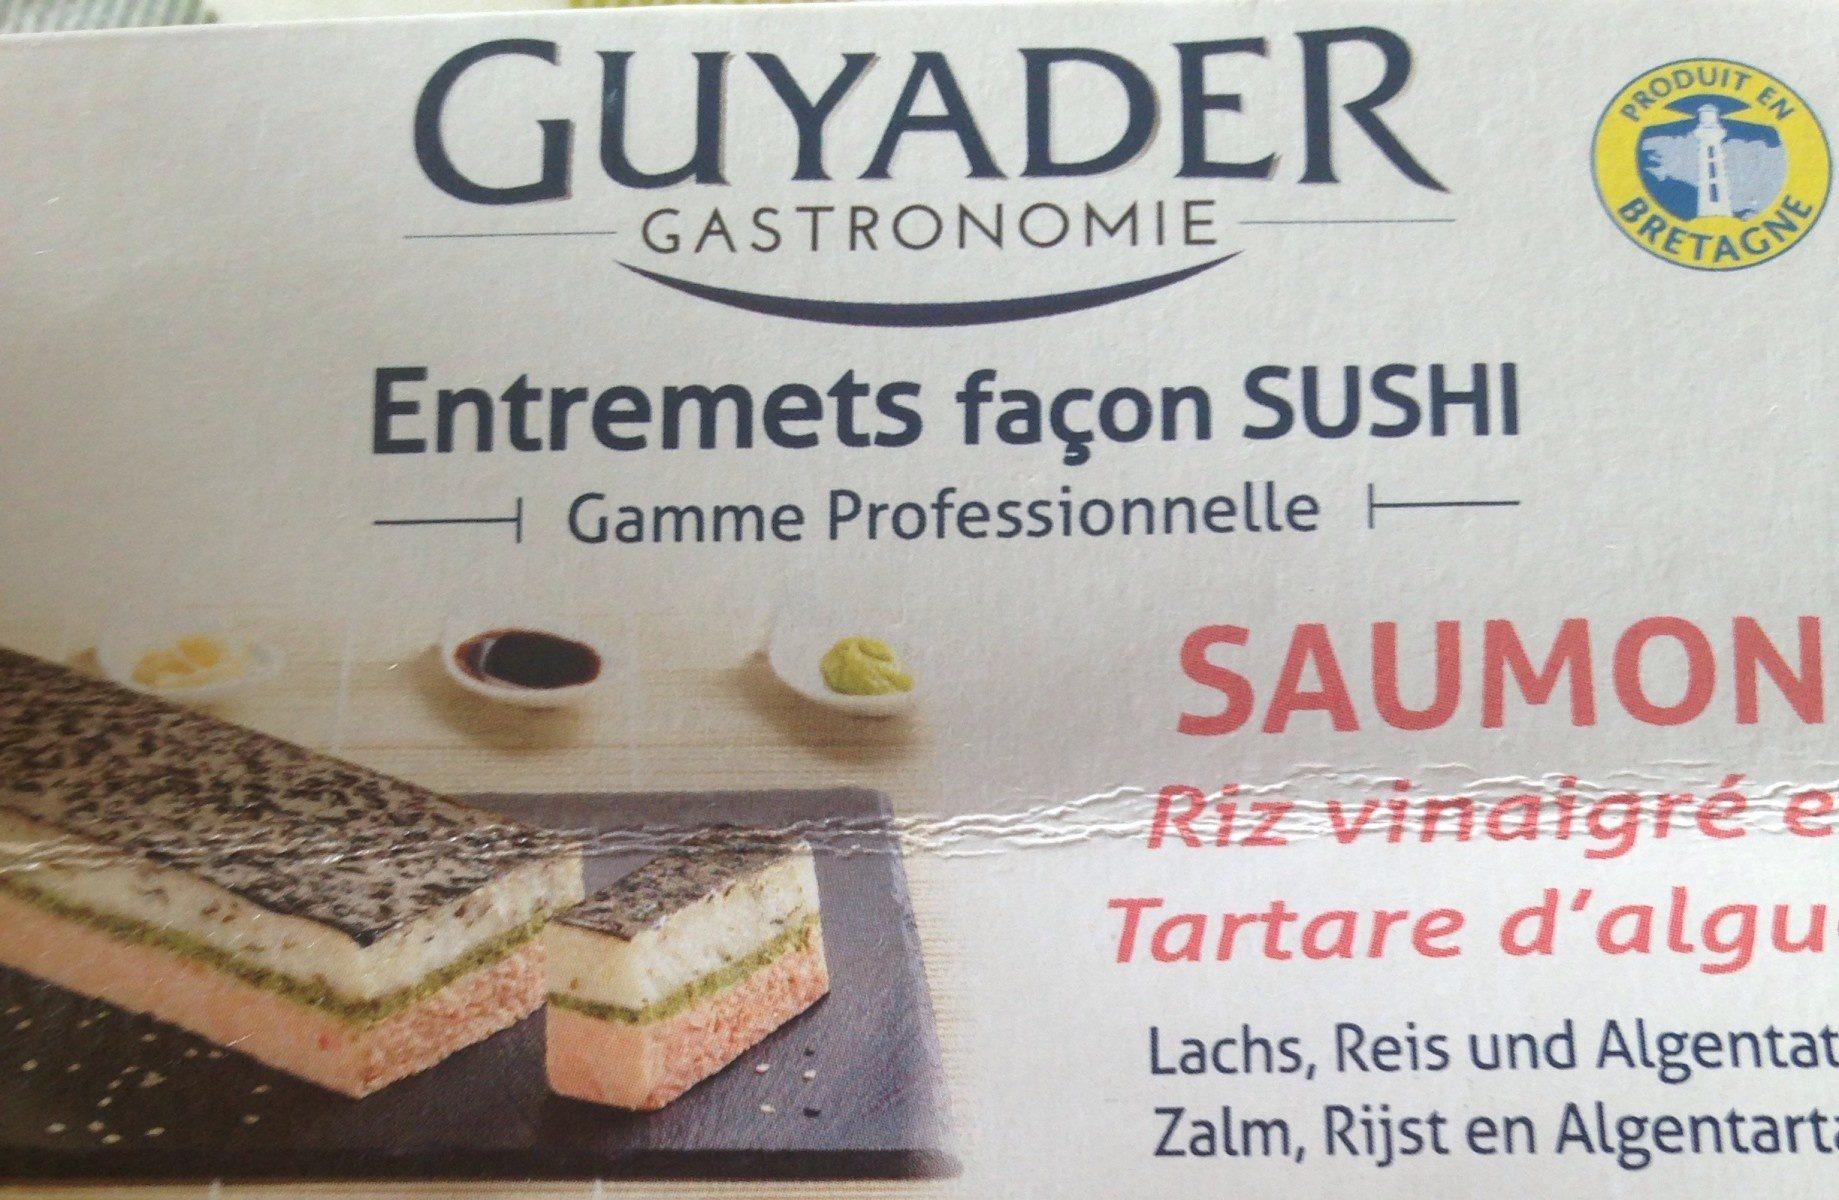 Entremets Façon Sushi : Saumon, Riz Vinaigré et Tartare d'Algues - Product - fr